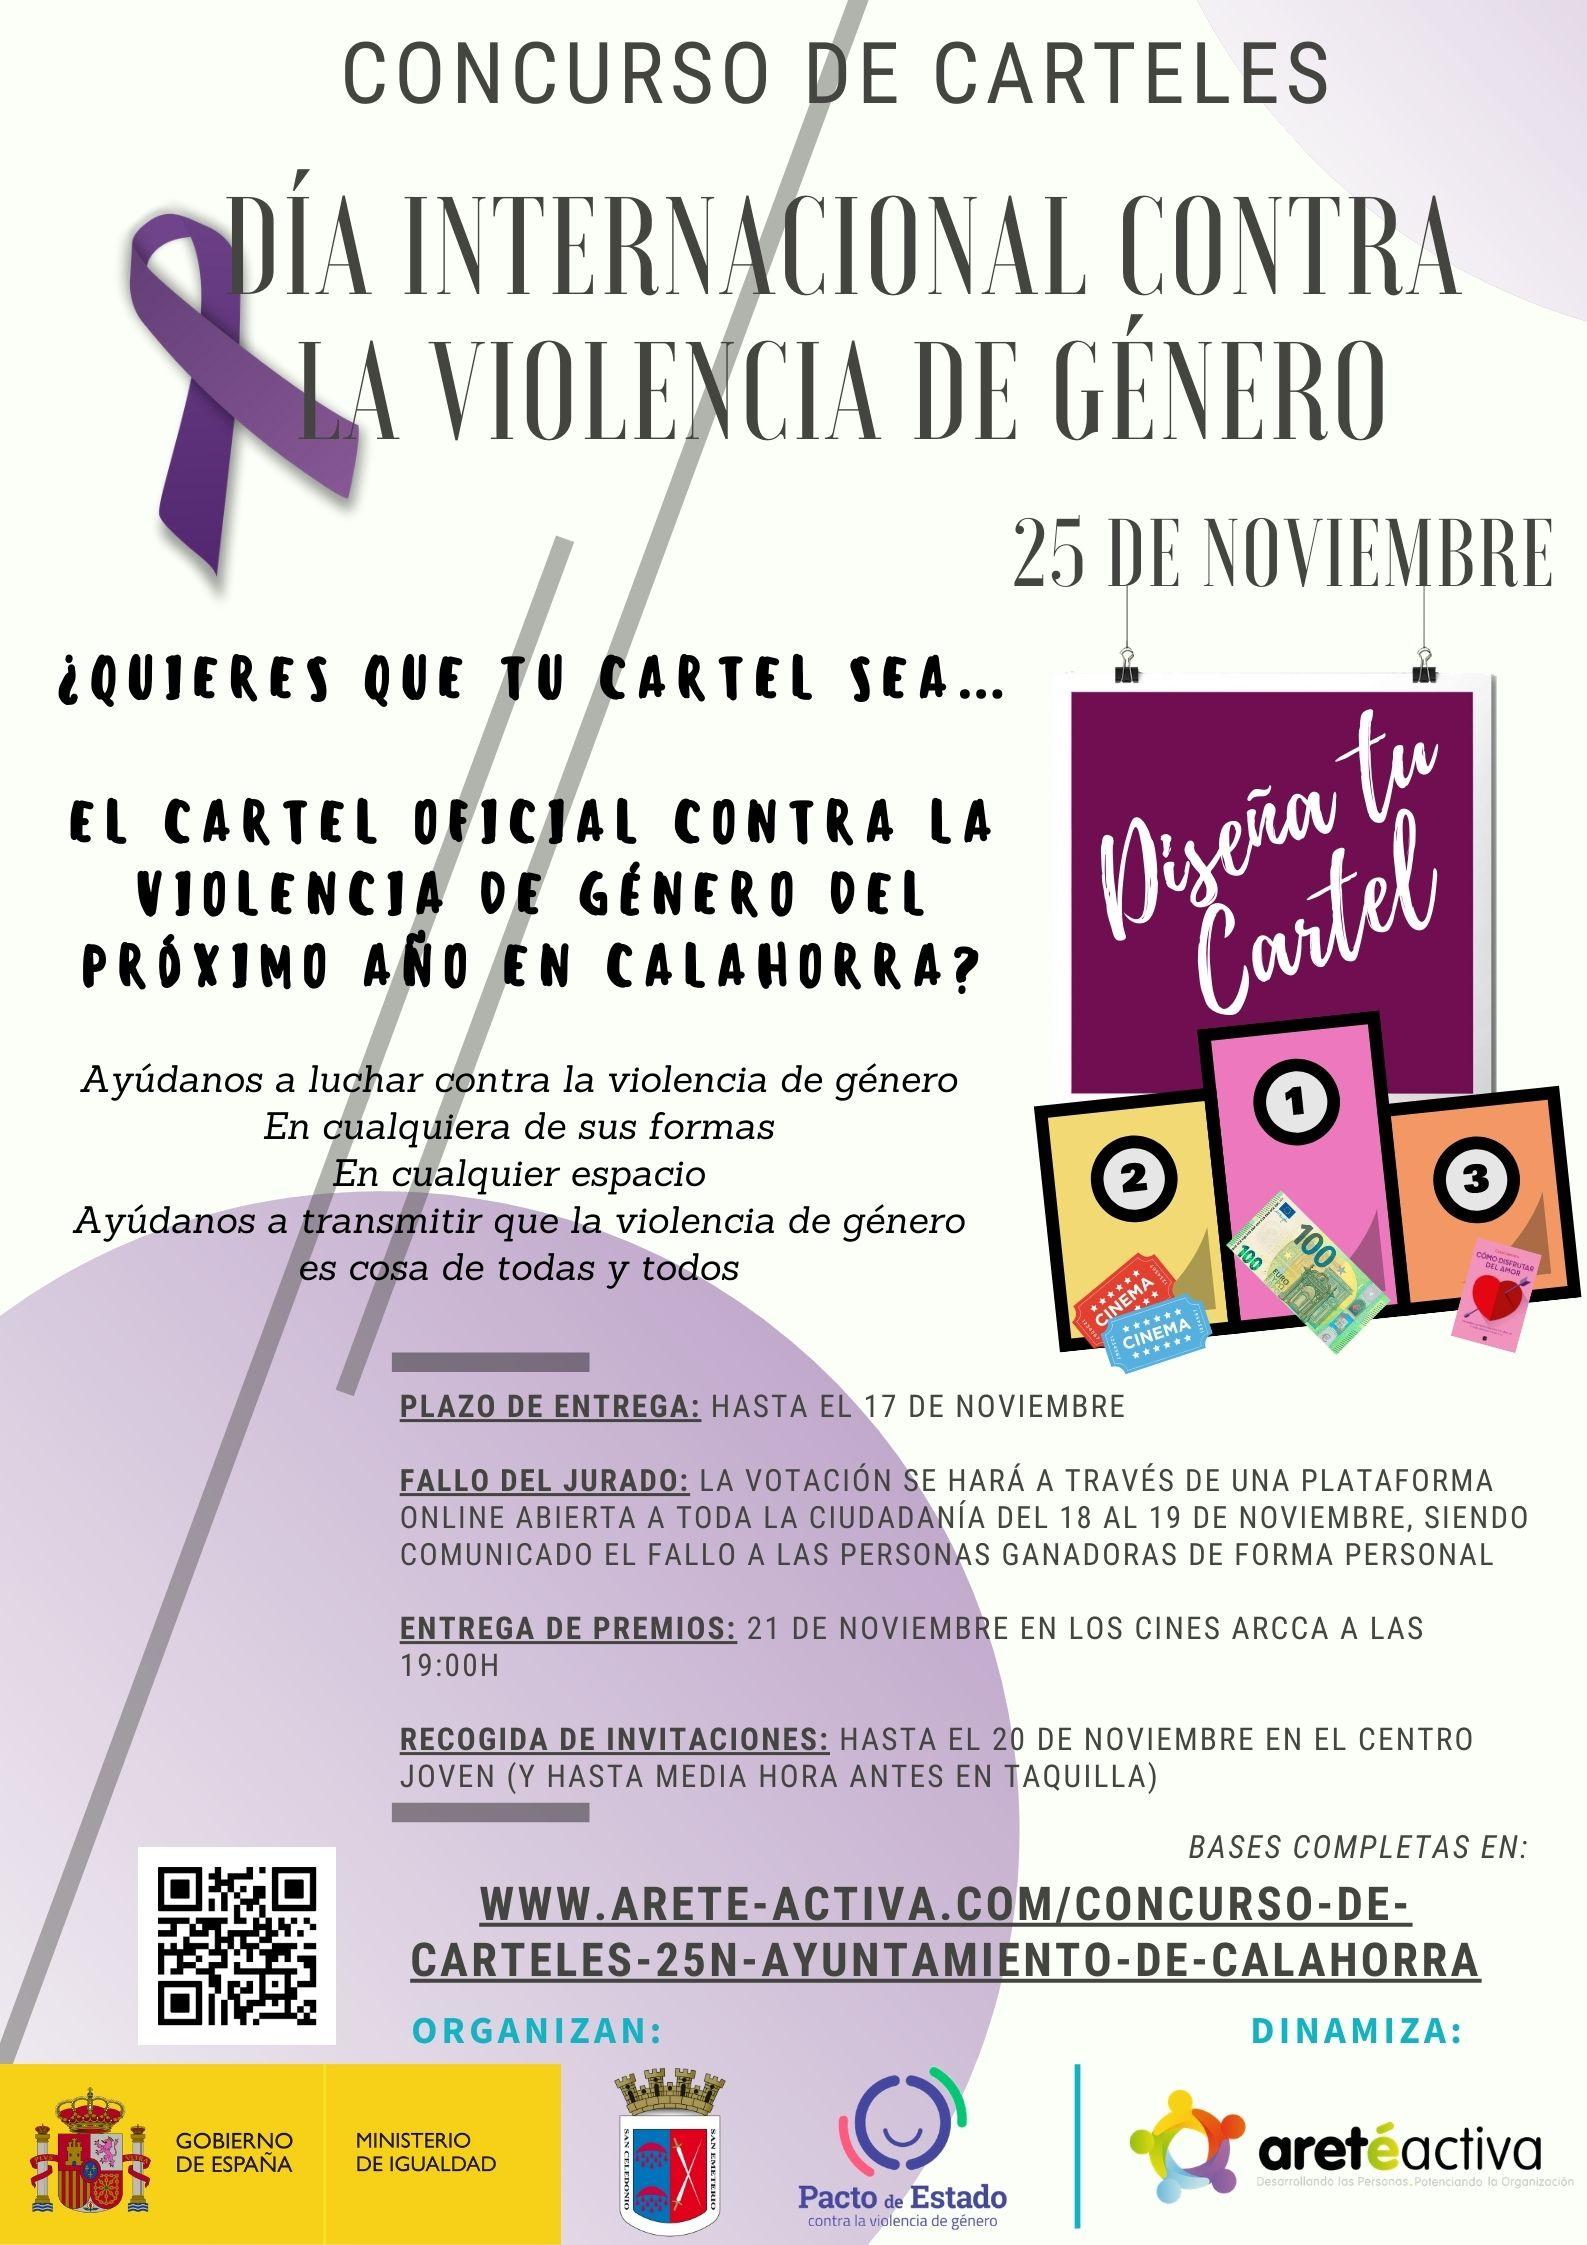 Concurso Carteles 25N - Ayto. de Calahorra